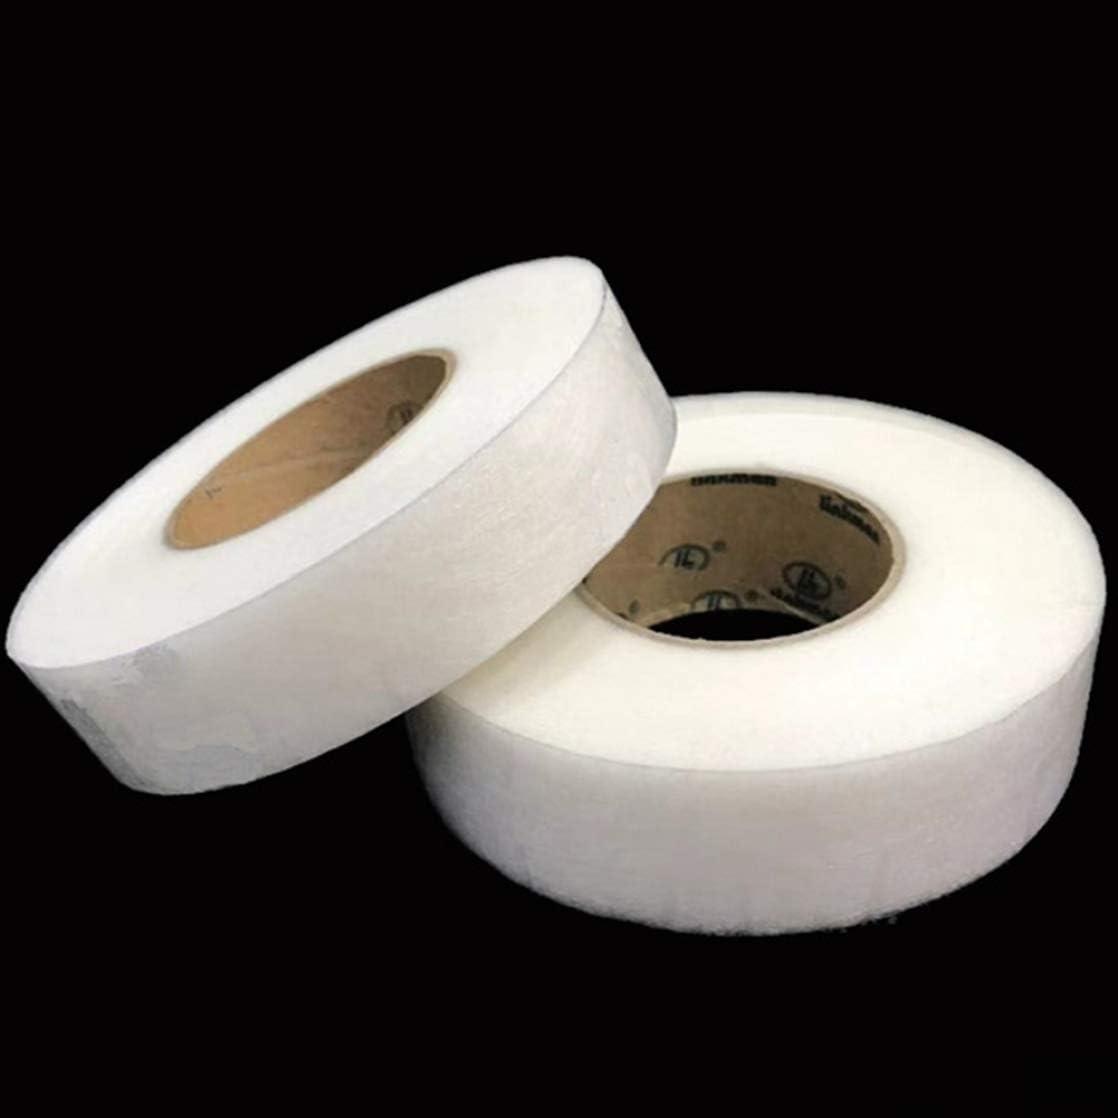 Adiken zuverl/ässiges 20 m Saumband B/ügelband f/ür Textilien Hosen Vorh/änge zum Aufb/ügeln 1